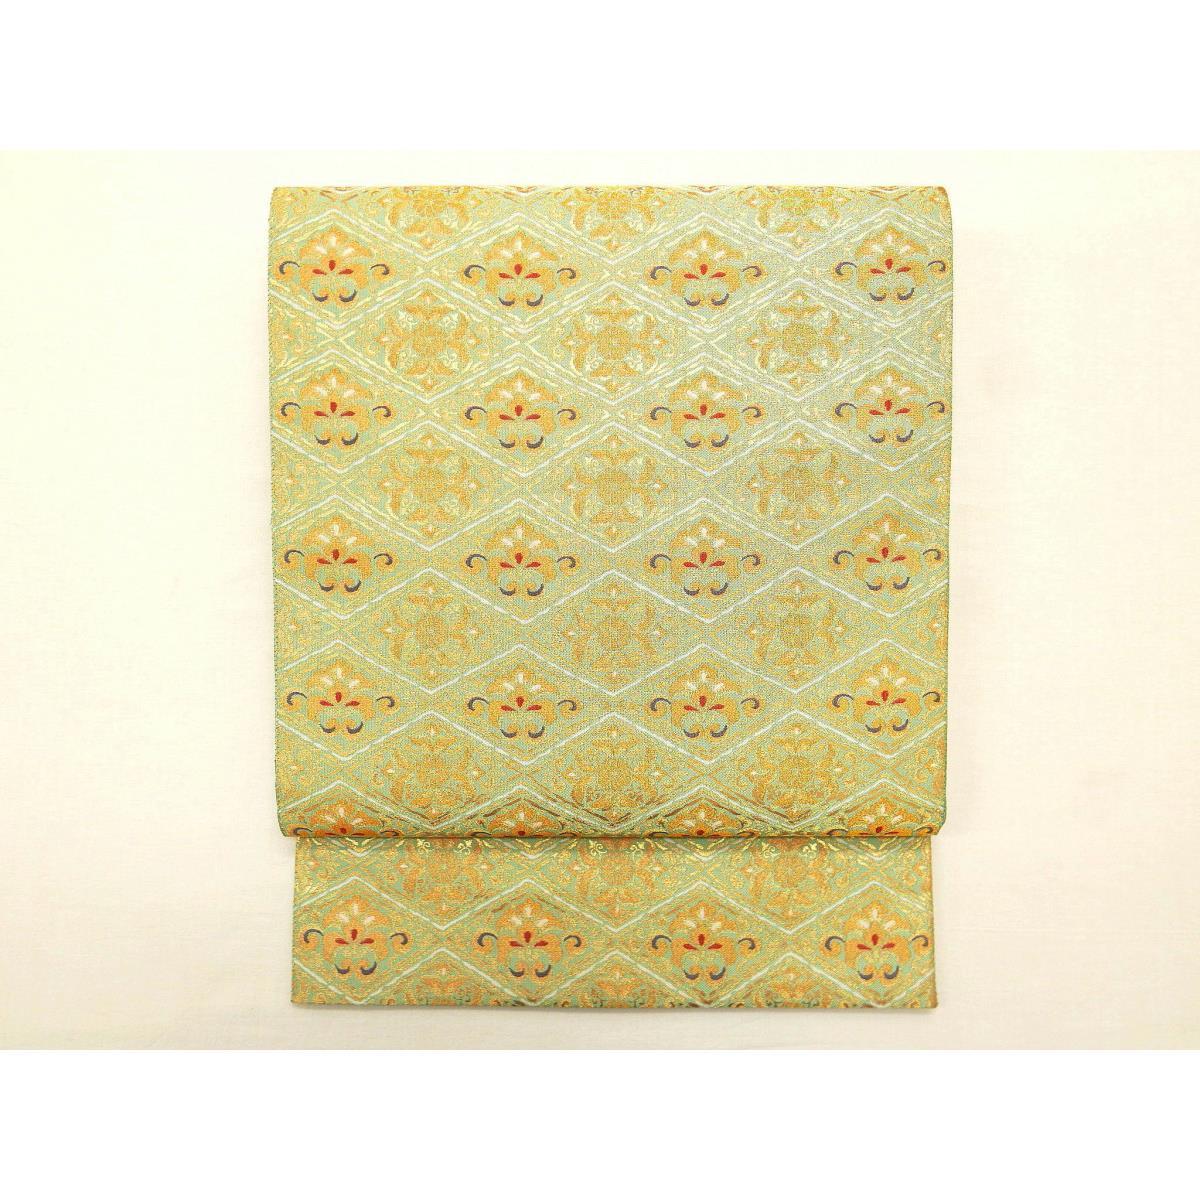 袋帯 となみ織物【中古】